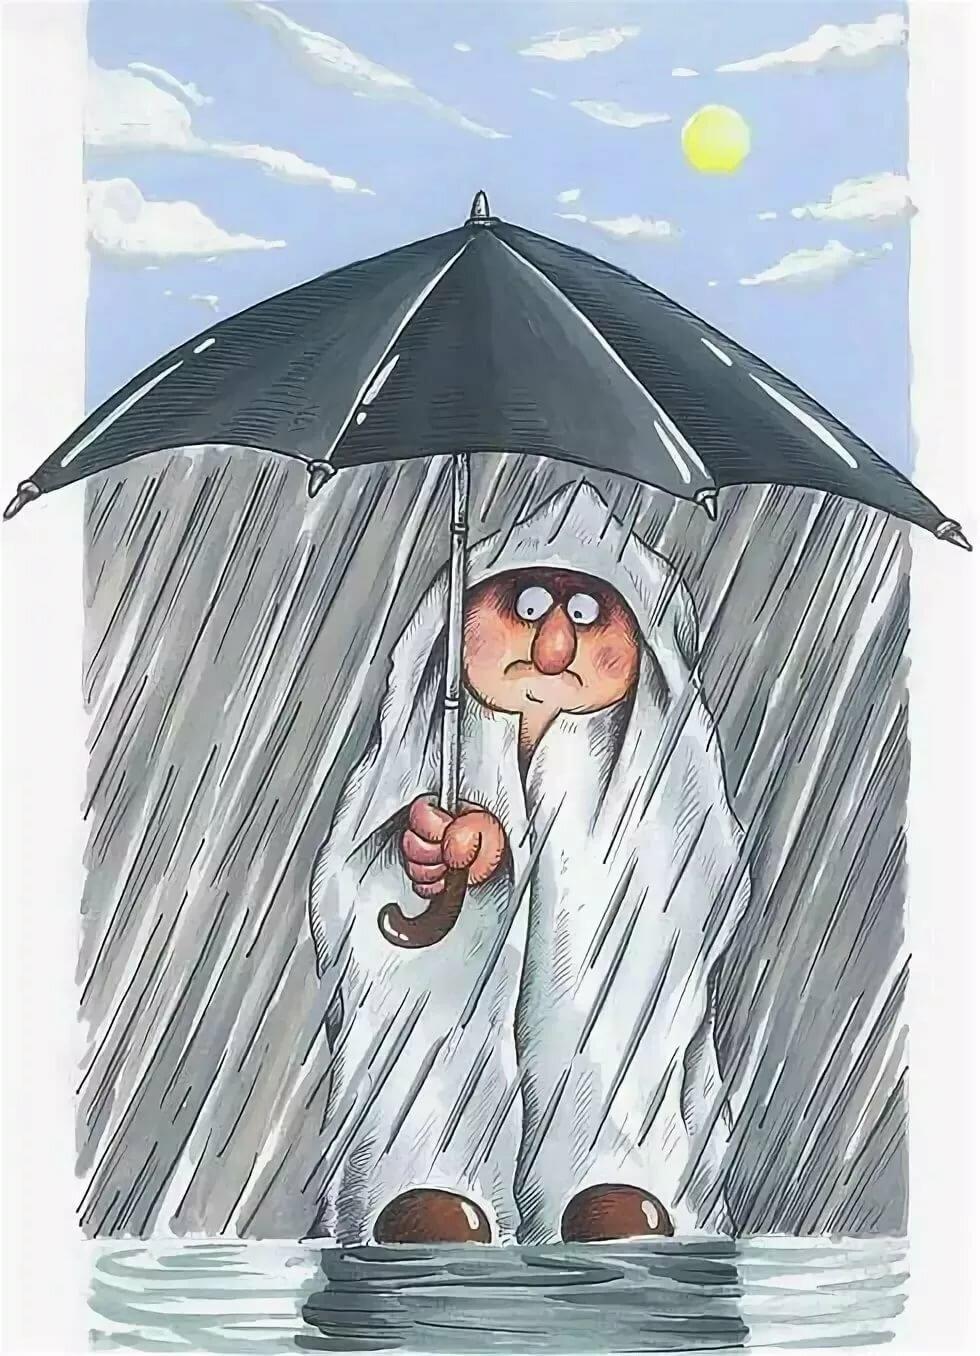 Веселая картинка про погоду